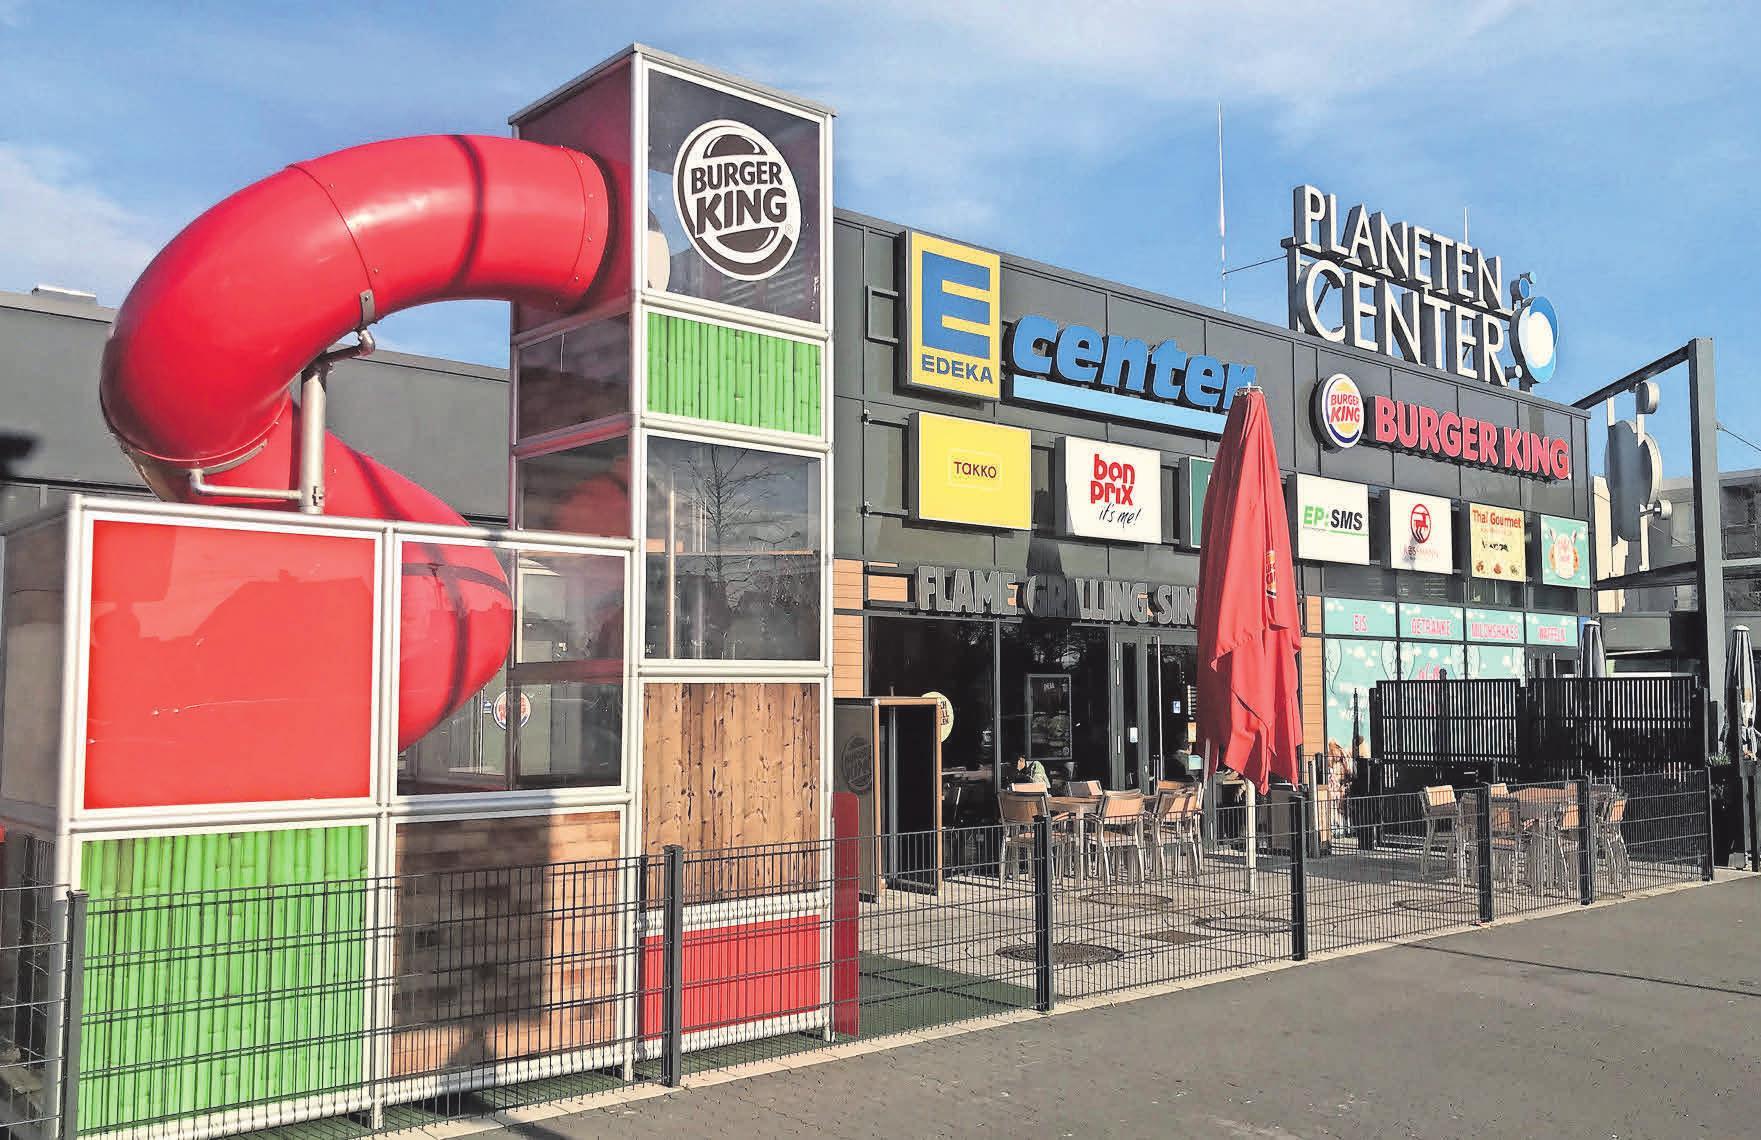 Garbsen und ein paar neue Regeln für das entspannte Einkaufsvergnügen in Garbsens Planetencenter.